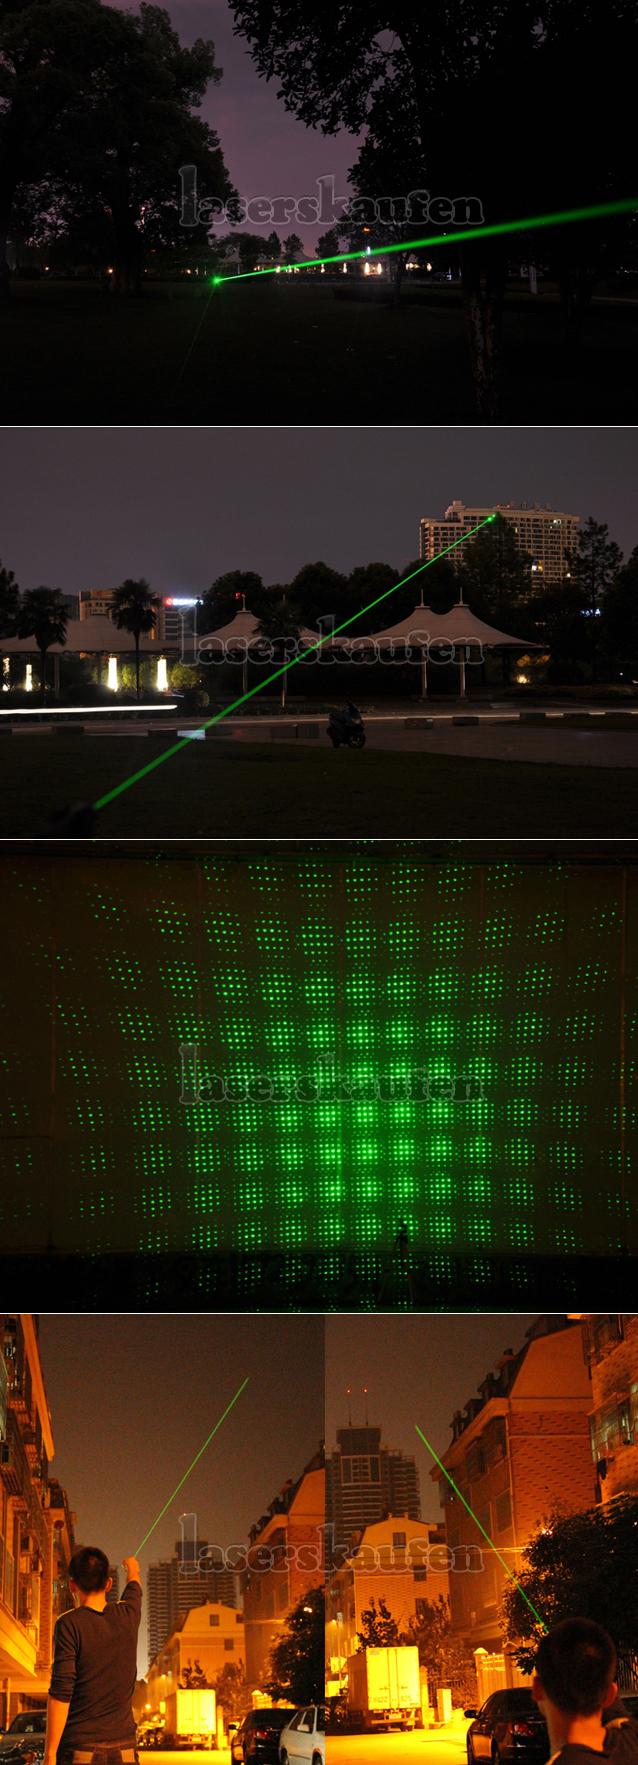 Laserpointer hohe Reichweite